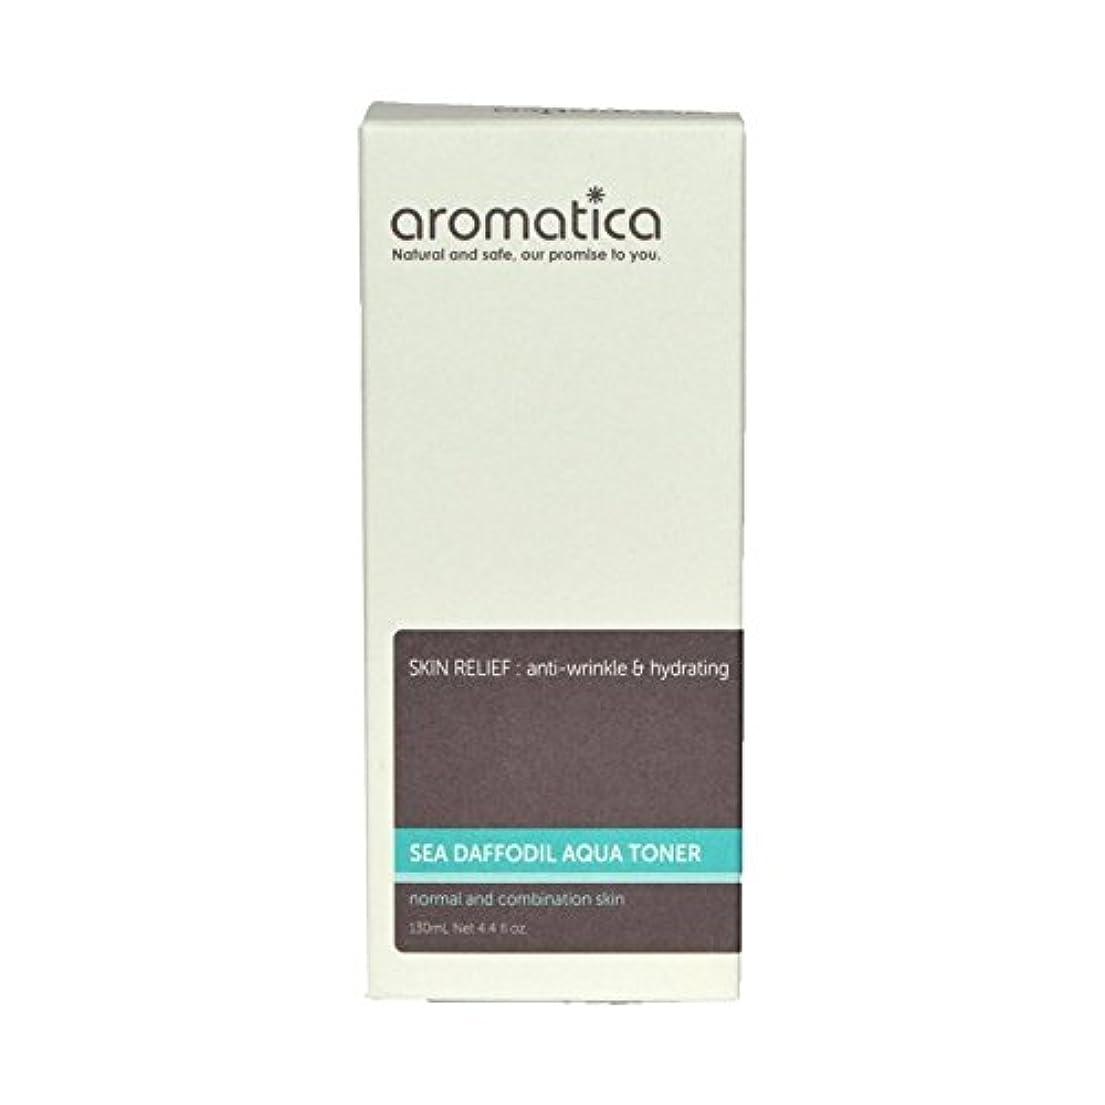 一回レビューアルプス海スイセンアクアトナー130ミリリットル x2 - aromatica Sea Daffodil Aqua Toner 130ml (Pack of 2) [並行輸入品]